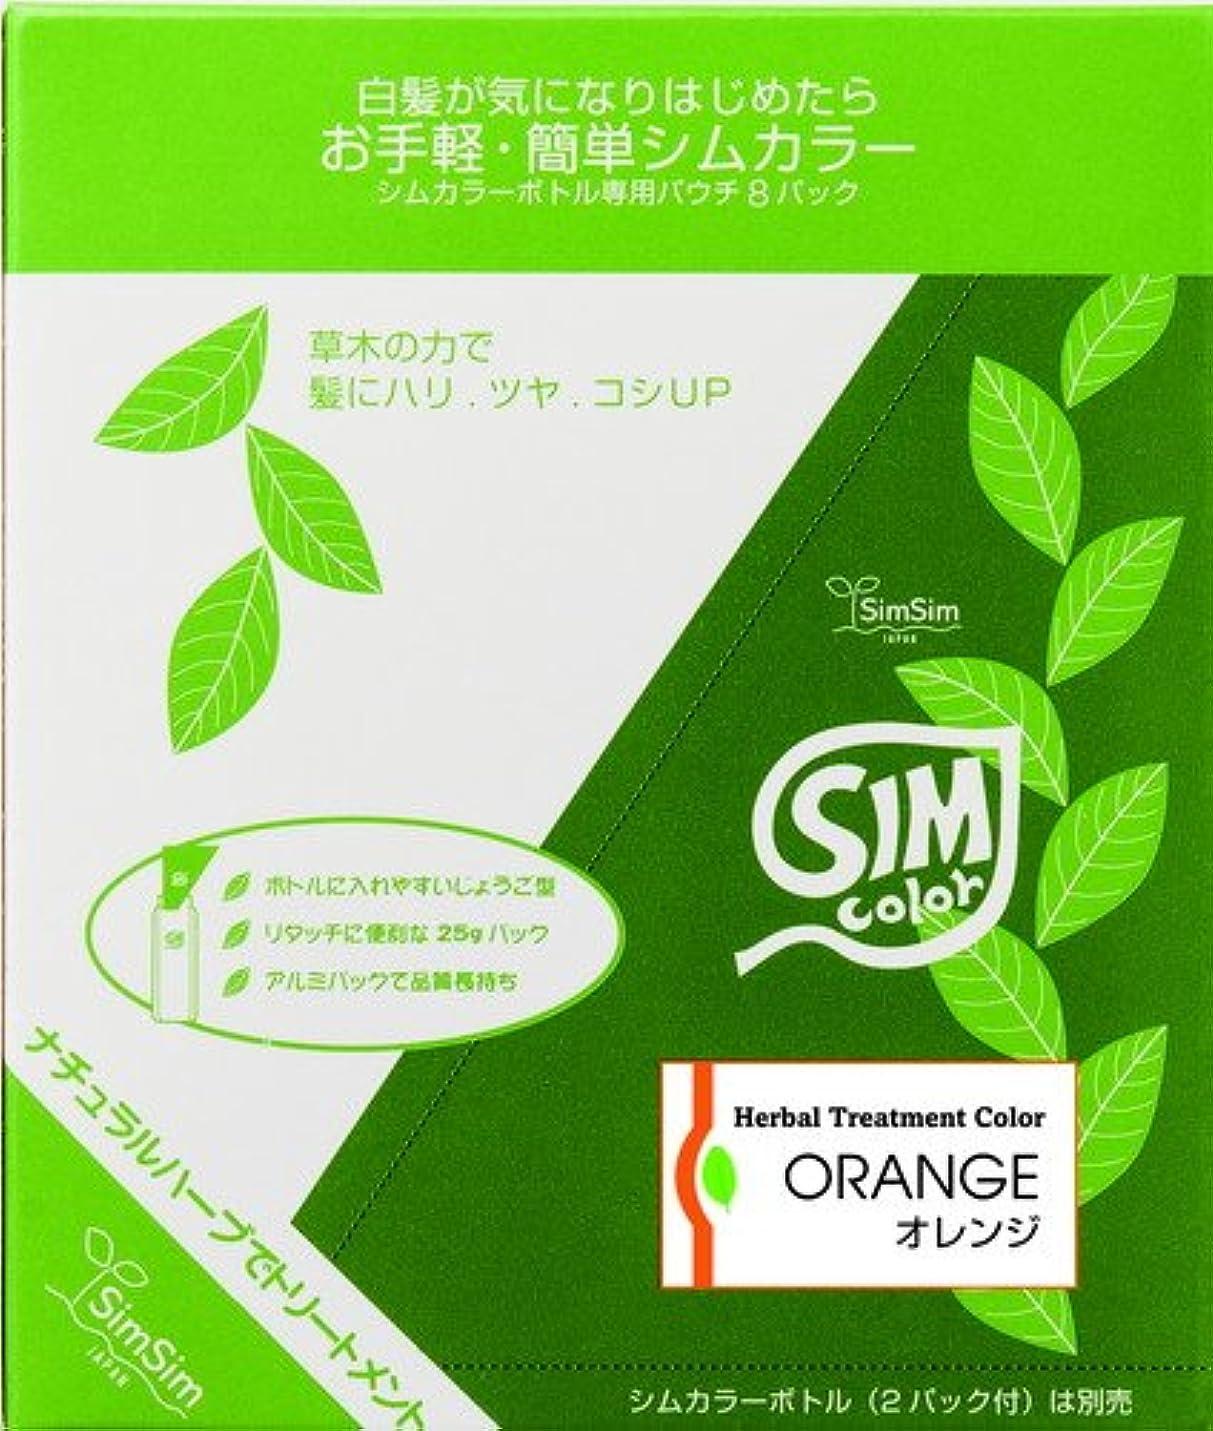 男らしい詩近々SimSim(シムシム)お手軽簡単シムカラーエクストラ(EX)25g 8袋 オレンジ